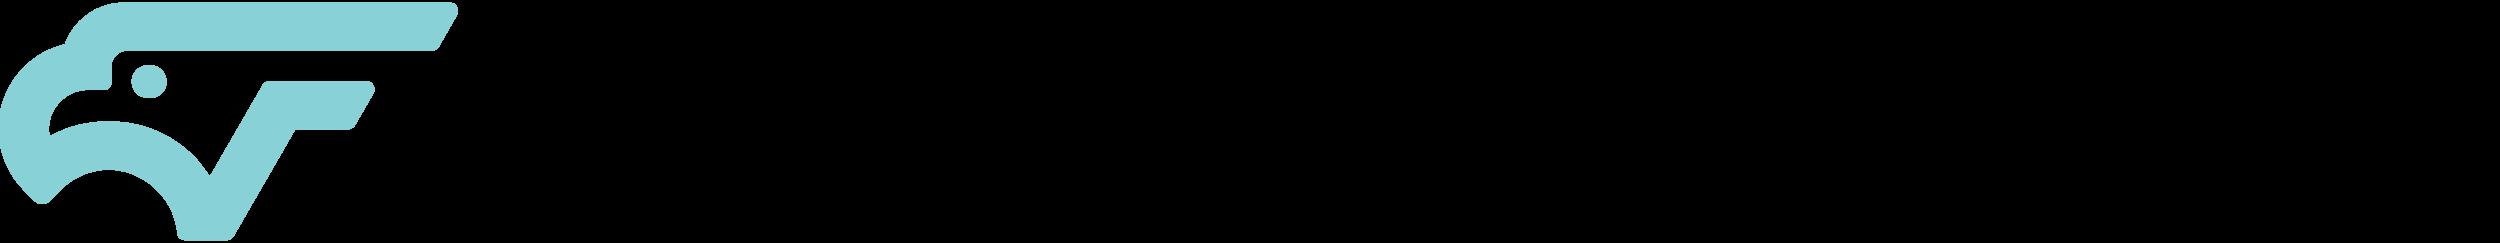 fm-horisontal-sort.png